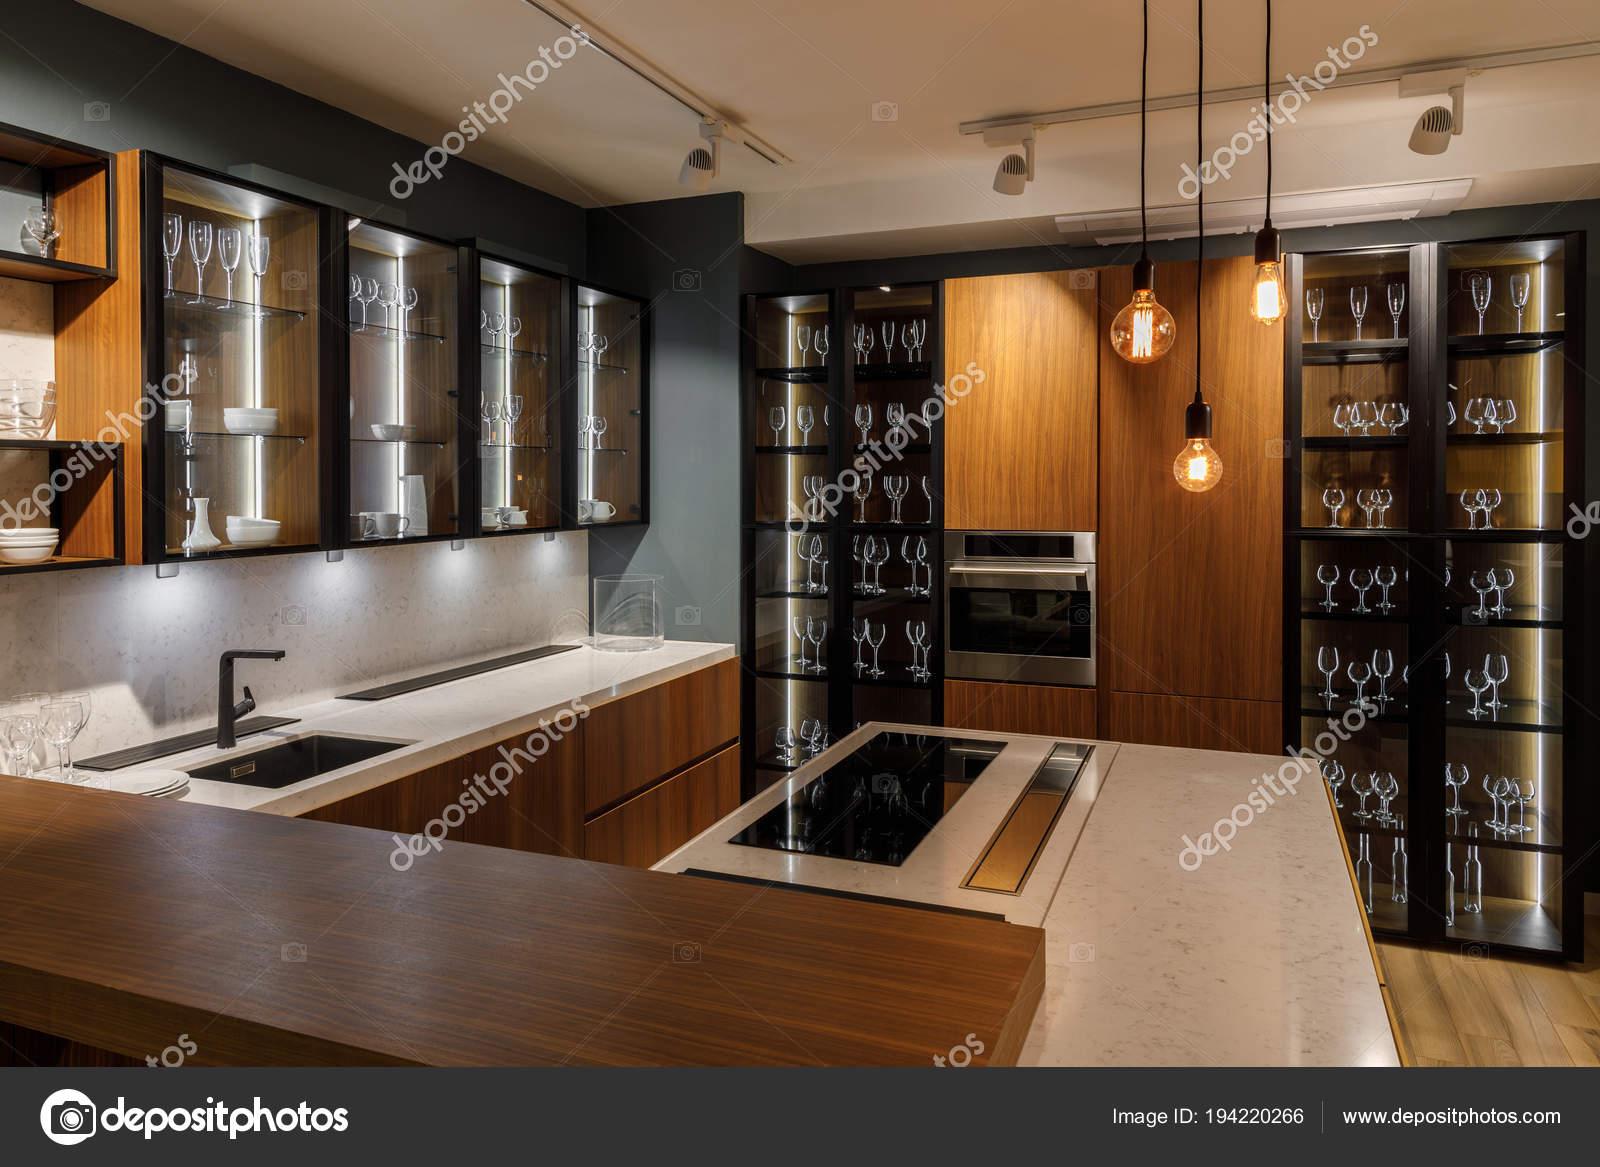 Intérieur Cuisine Moderne Avec Des Vitrines Des Ampoules ...